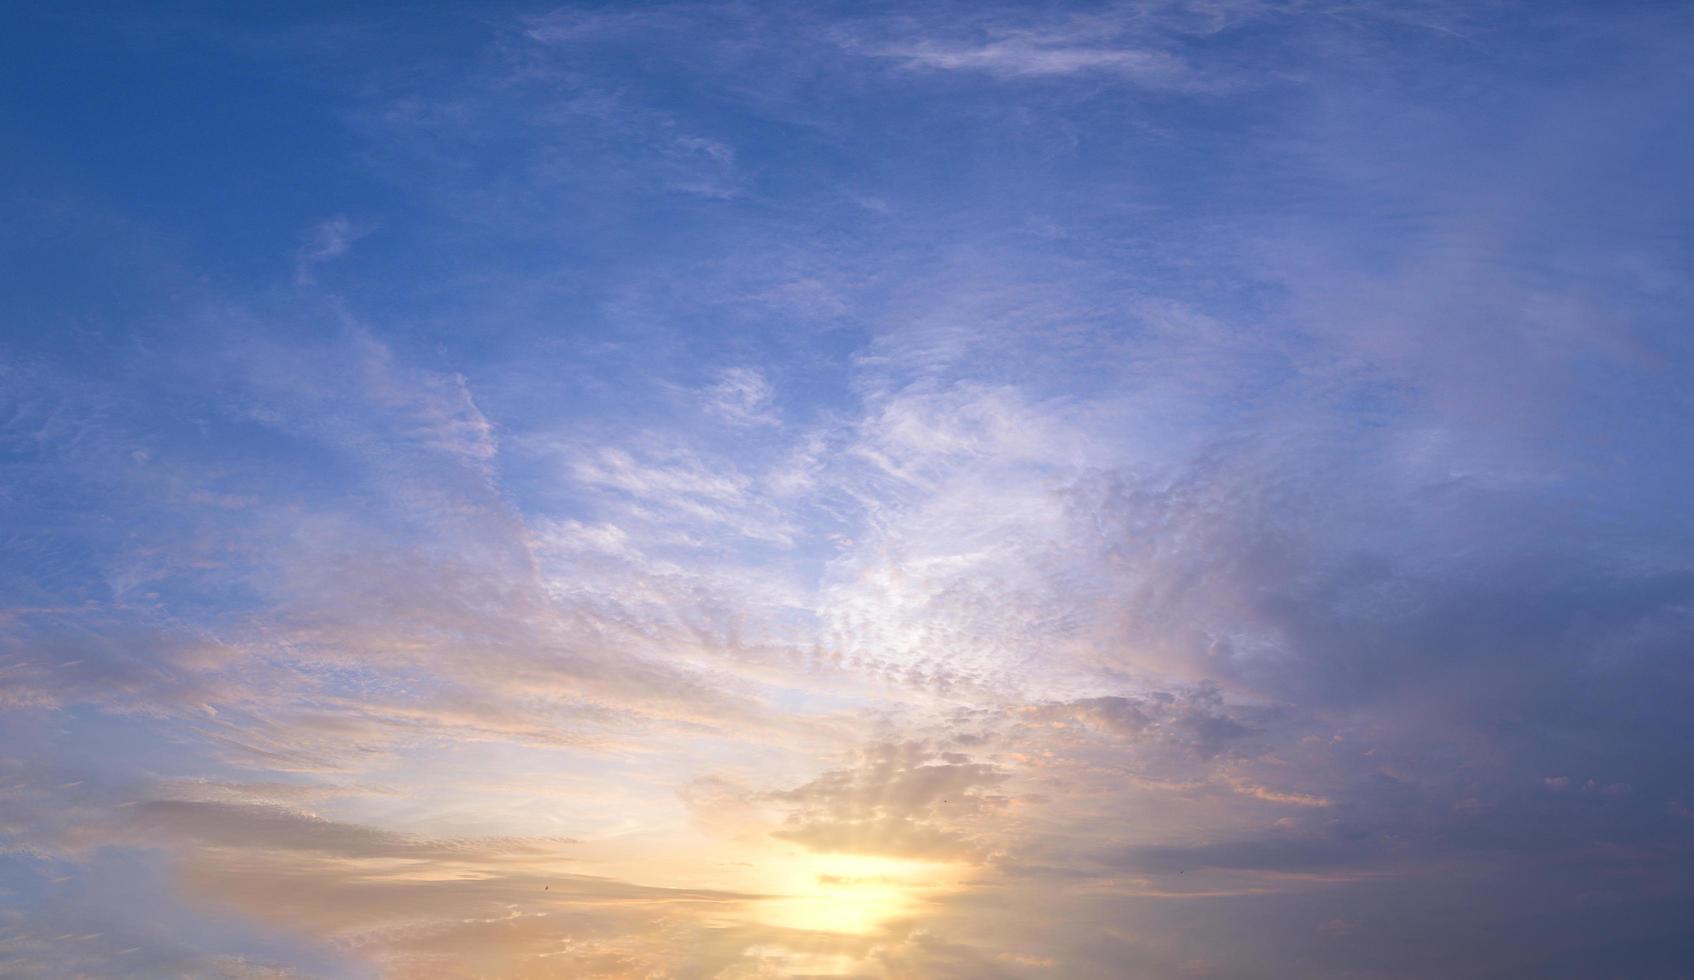 cielo e sole al tramonto foto